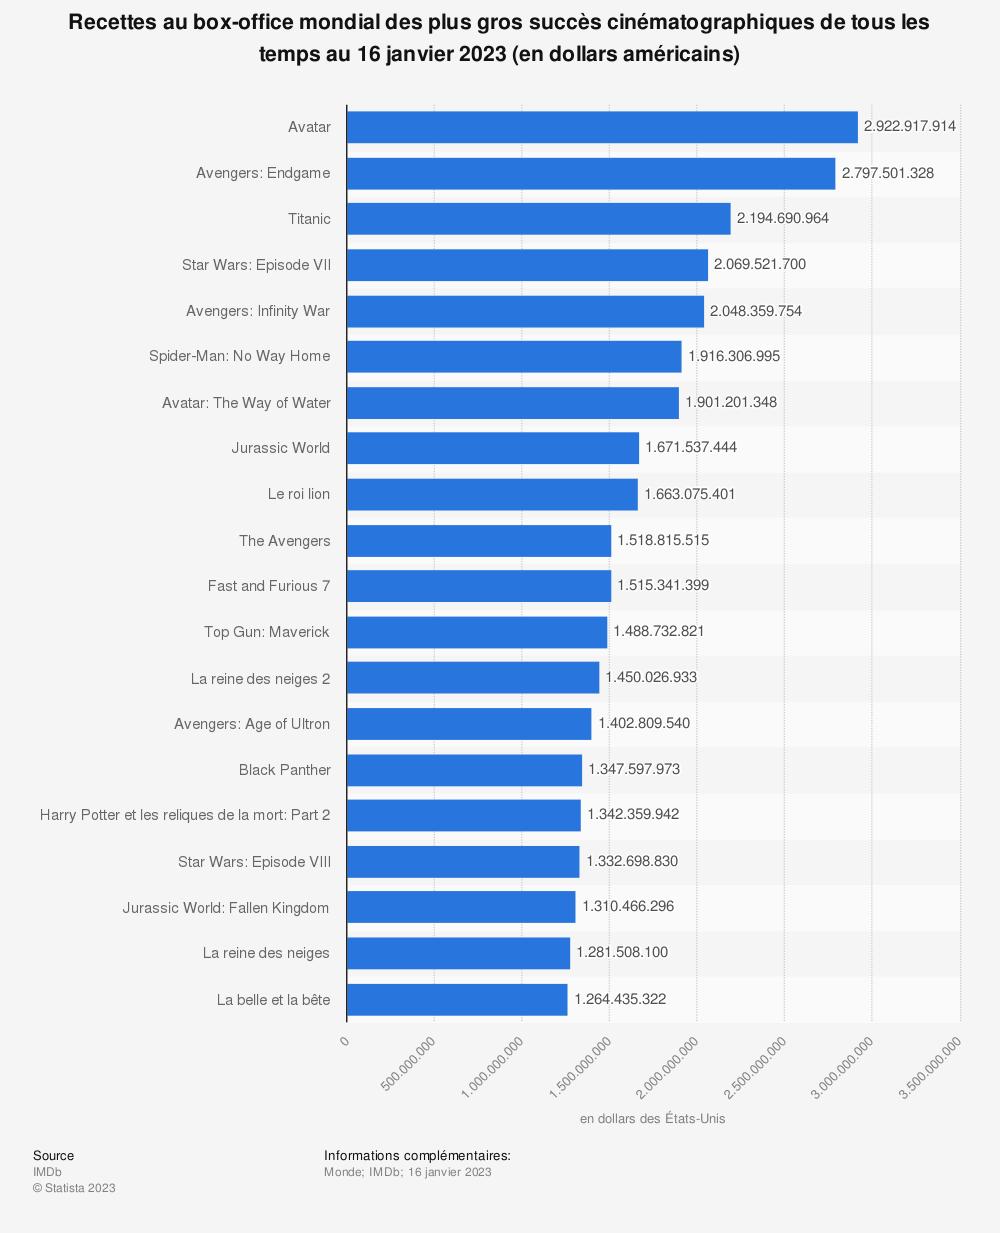 Statistique: Recettes au box-office mondial des plus gros succès cinématographiques de tous les temps (en millions de dollars américains) (au 17 décembre 2015) | Statista